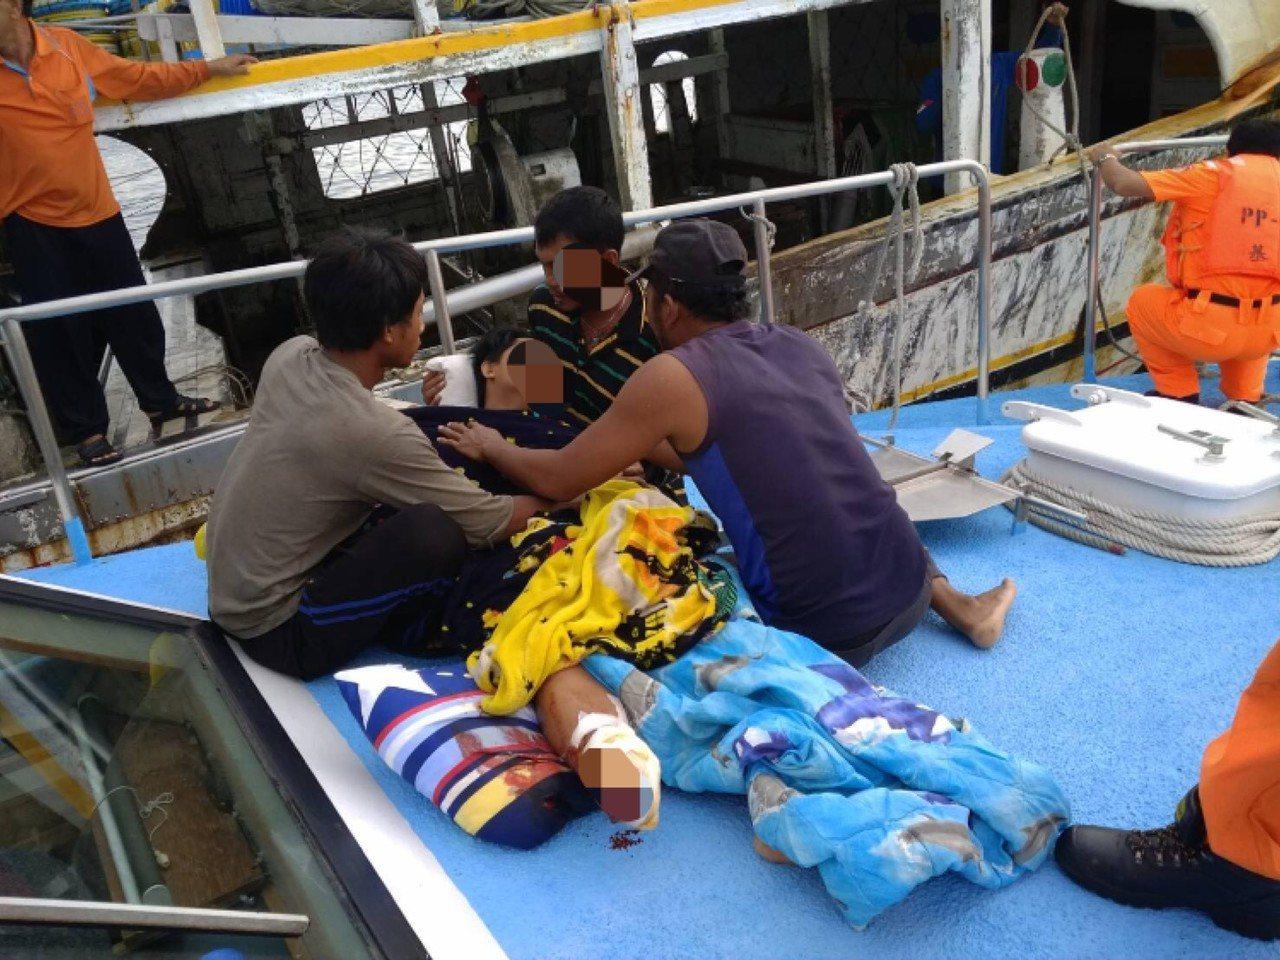 澎湖籍漁船因作業「出槌」,一名印尼籍漁工被繩索絞斷右小腿,斷肢並落海。圖/澎湖海...